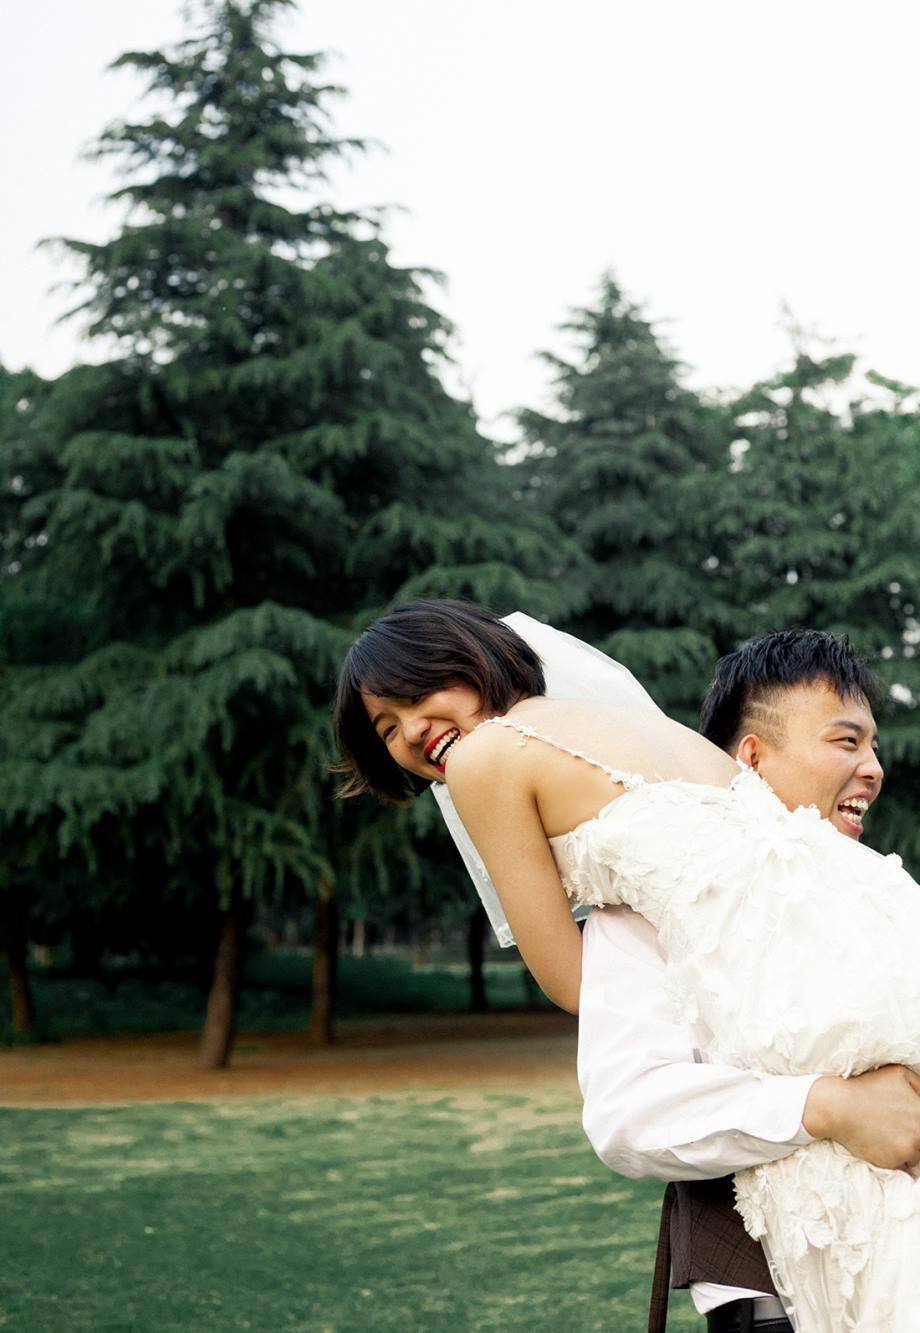 Bộ ảnh cưới mùa hè của cô dâu tóc ngắn đi giày thể thao giúp bạn định nghĩa lại về cái đẹp - Ảnh 10.